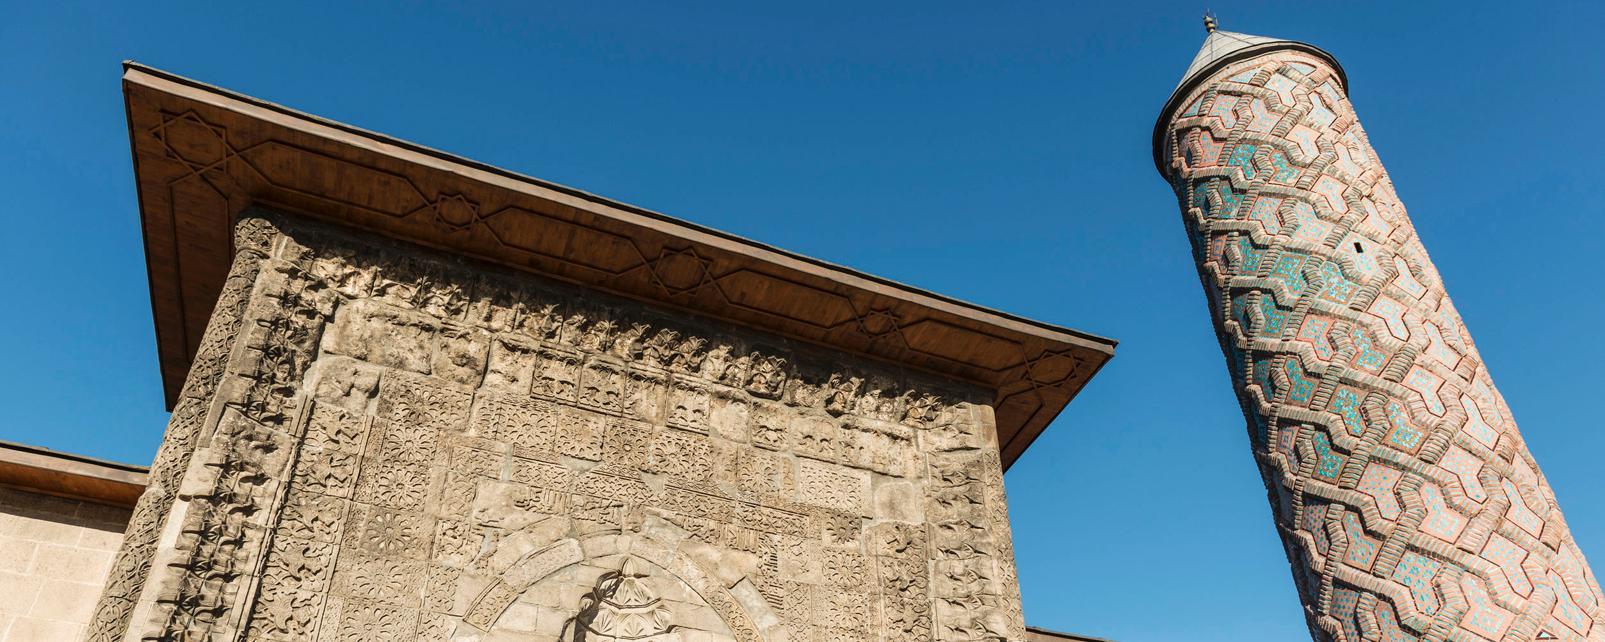 Turqu�a Erzurum